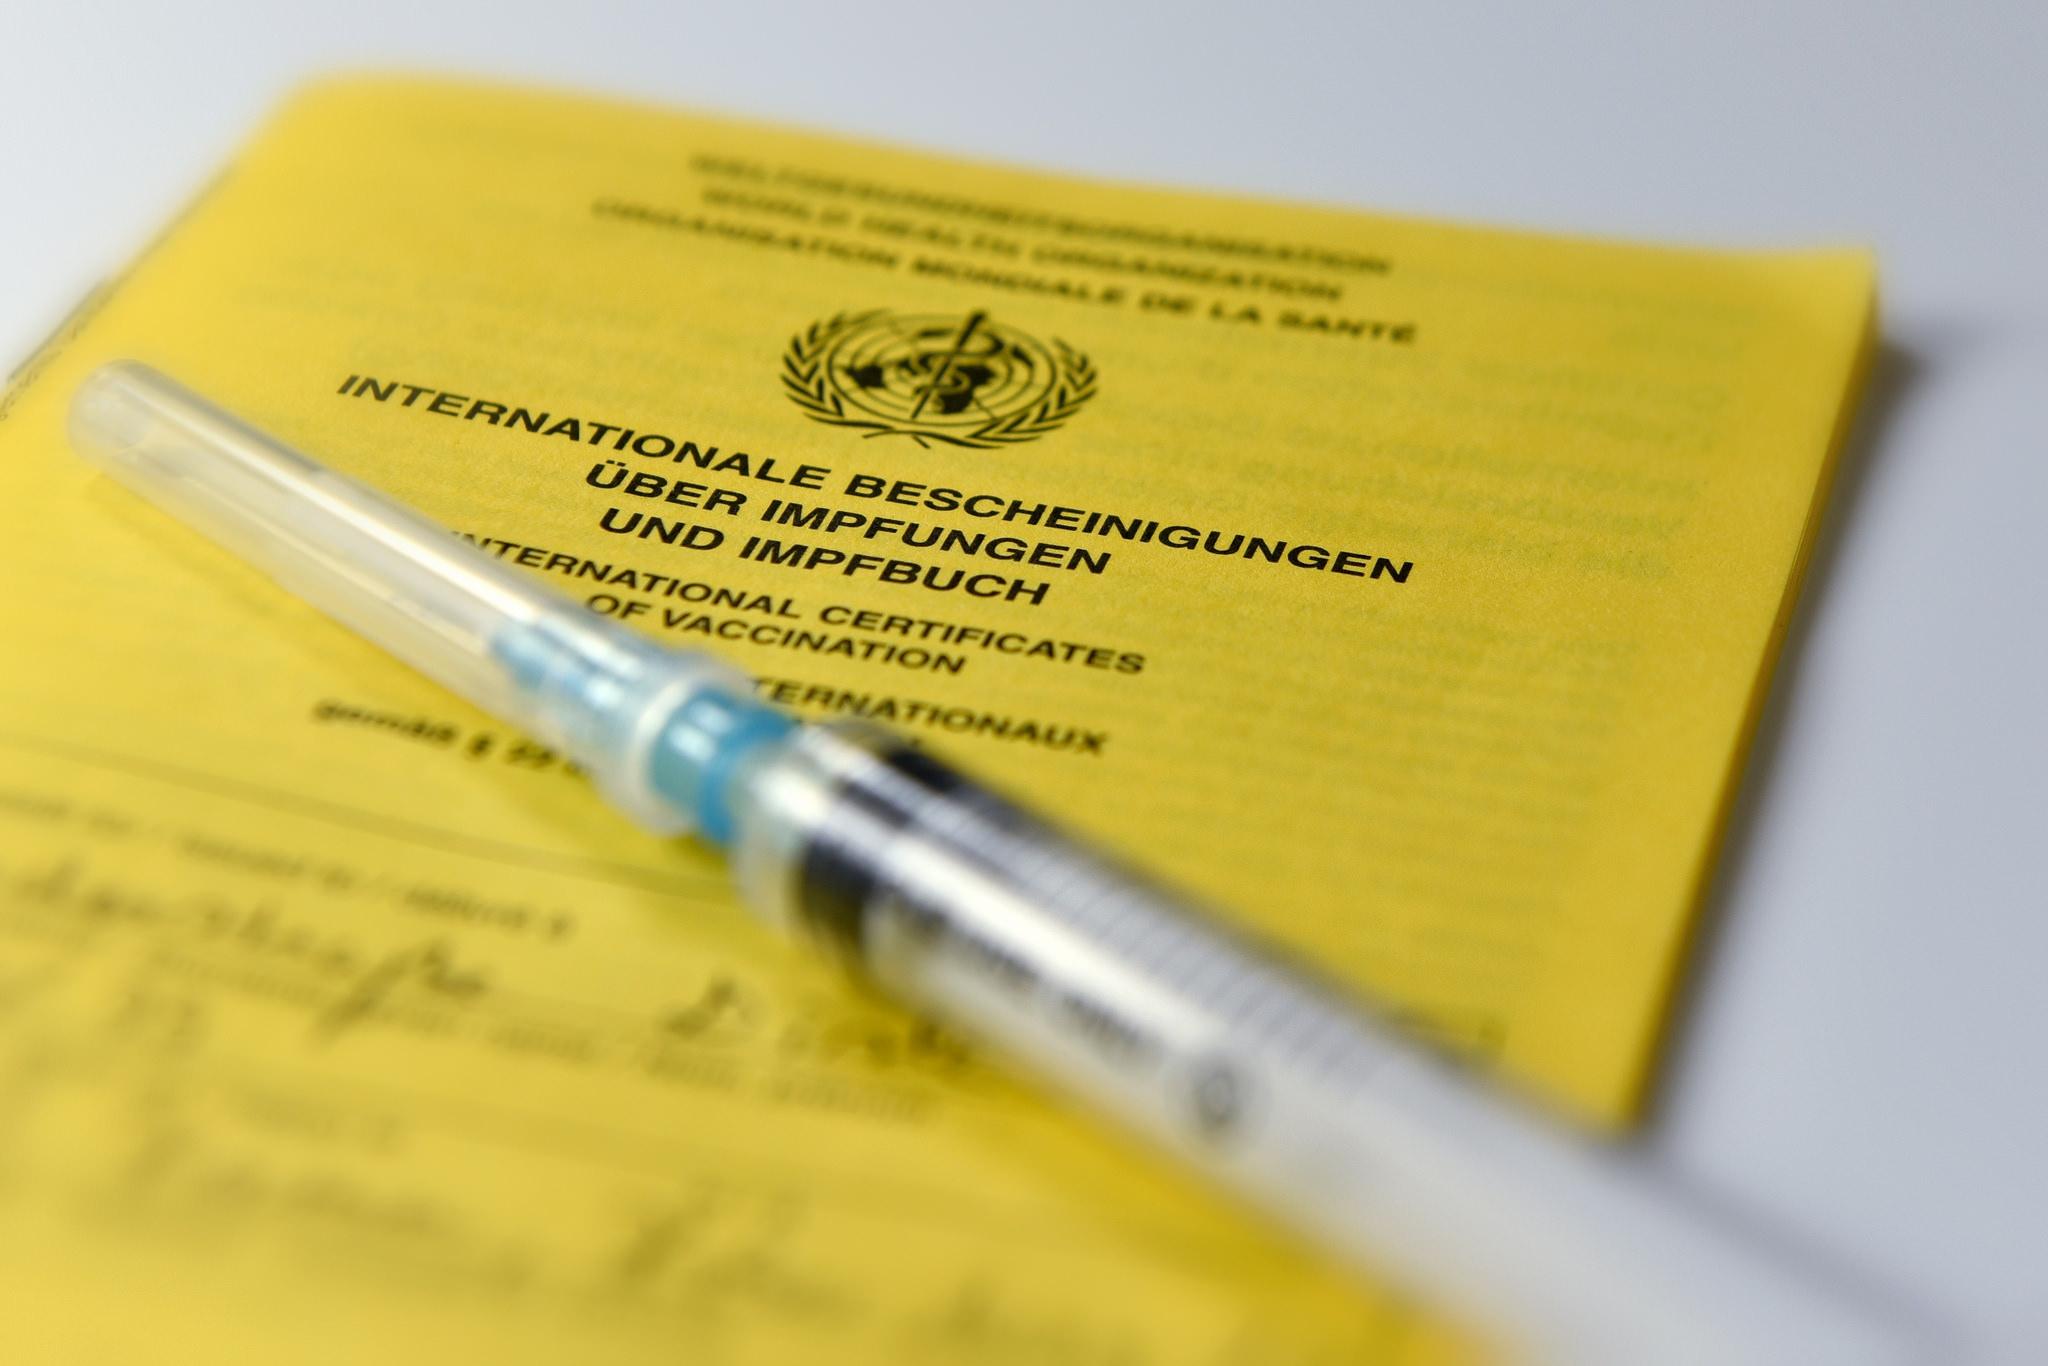 blasenentzuendungheilen blasenentzündung heilen impfung impfstoff gegen blasenentzündung strovac cystitis harnwegsinfekt harnwegsinfektion